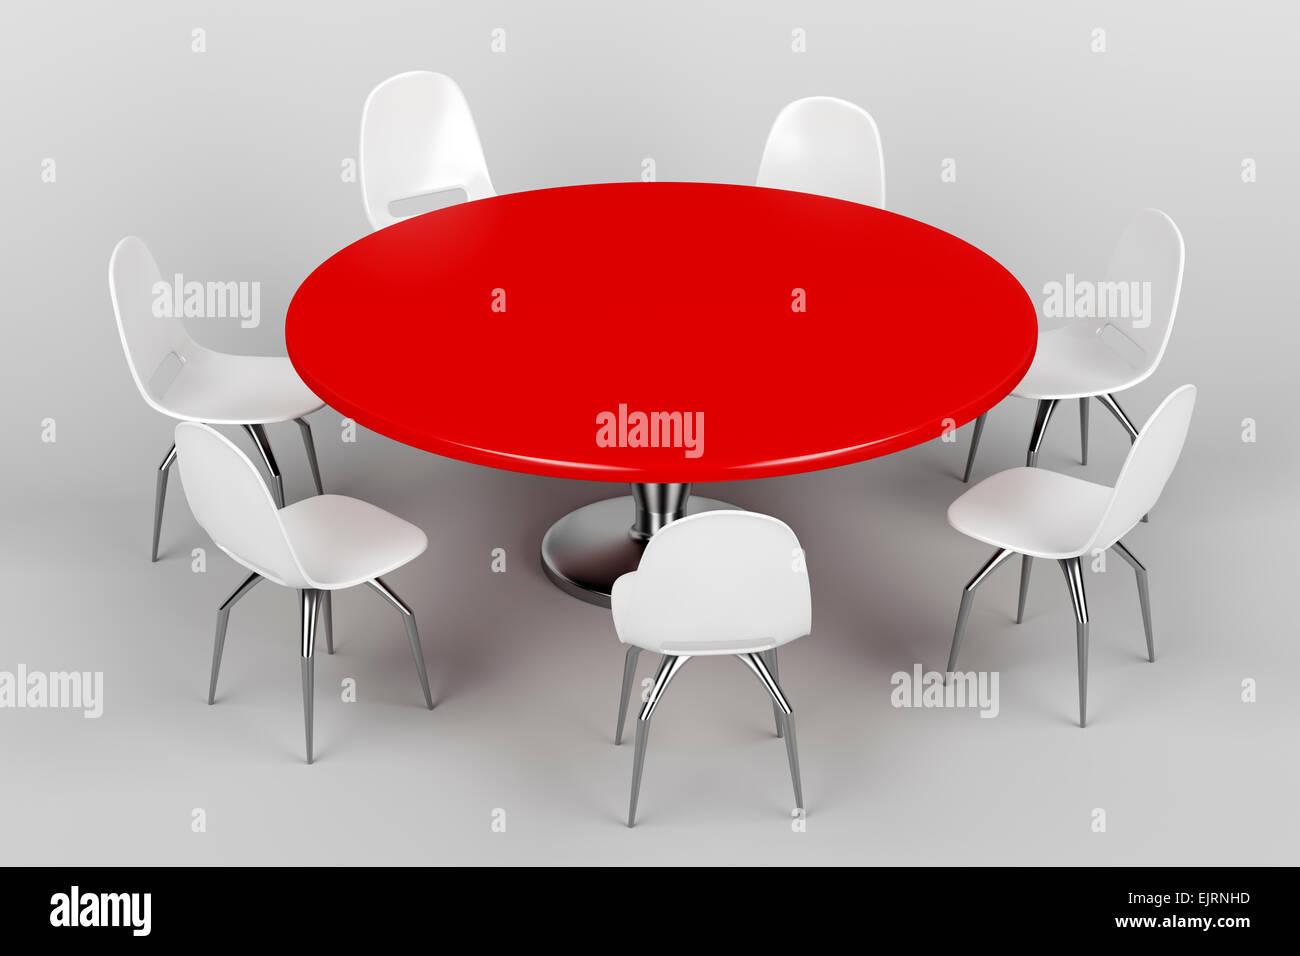 Conferenza tavola rotonda e sedie in plastica bianca in sala